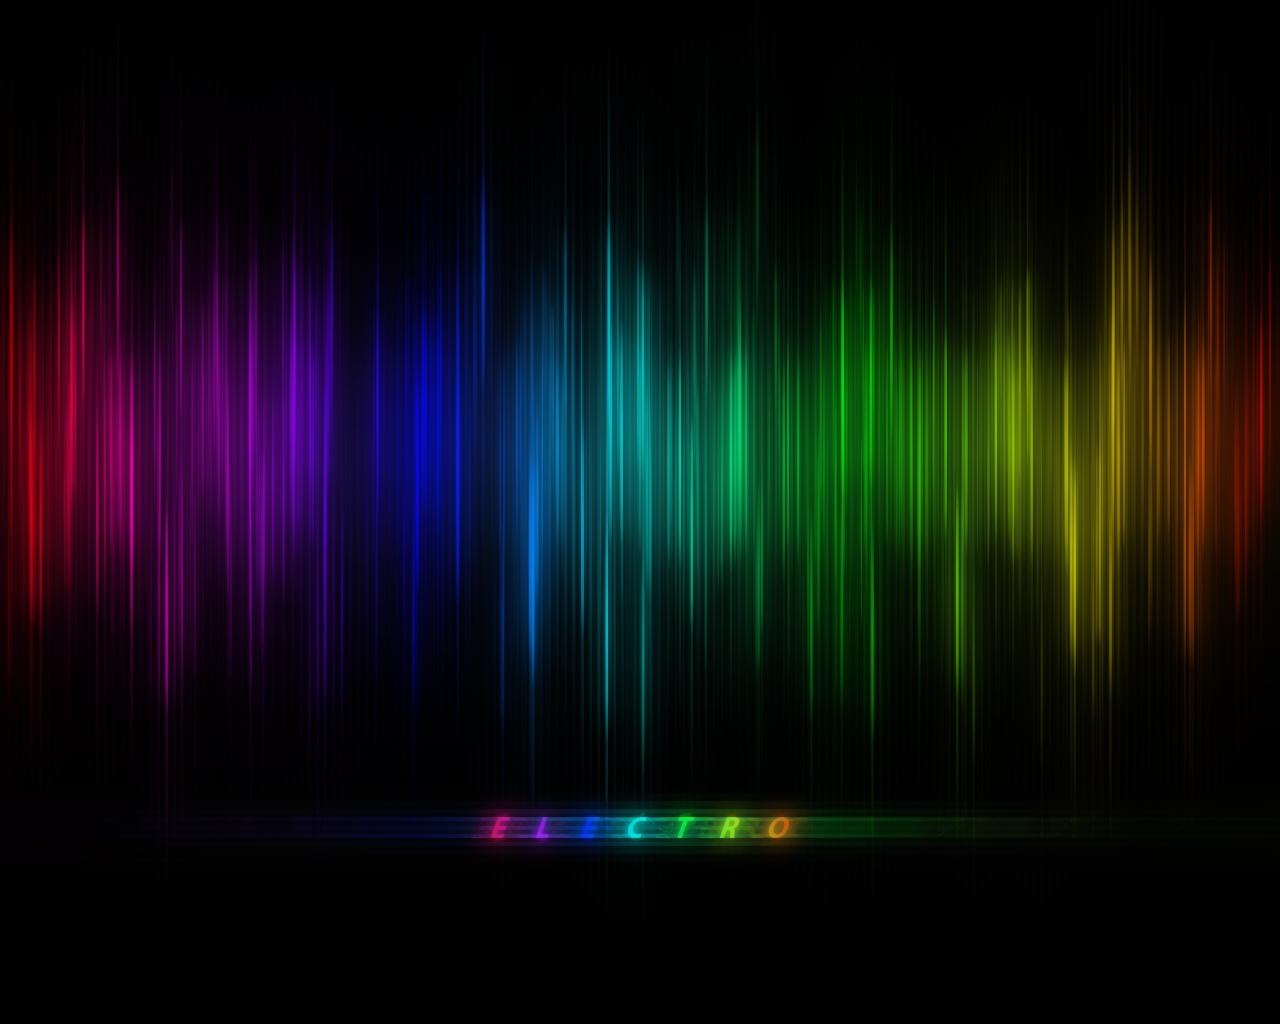 Download Dj Mixer Work 2048 X 2048 Wallpapers: DJ Background Wallpaper